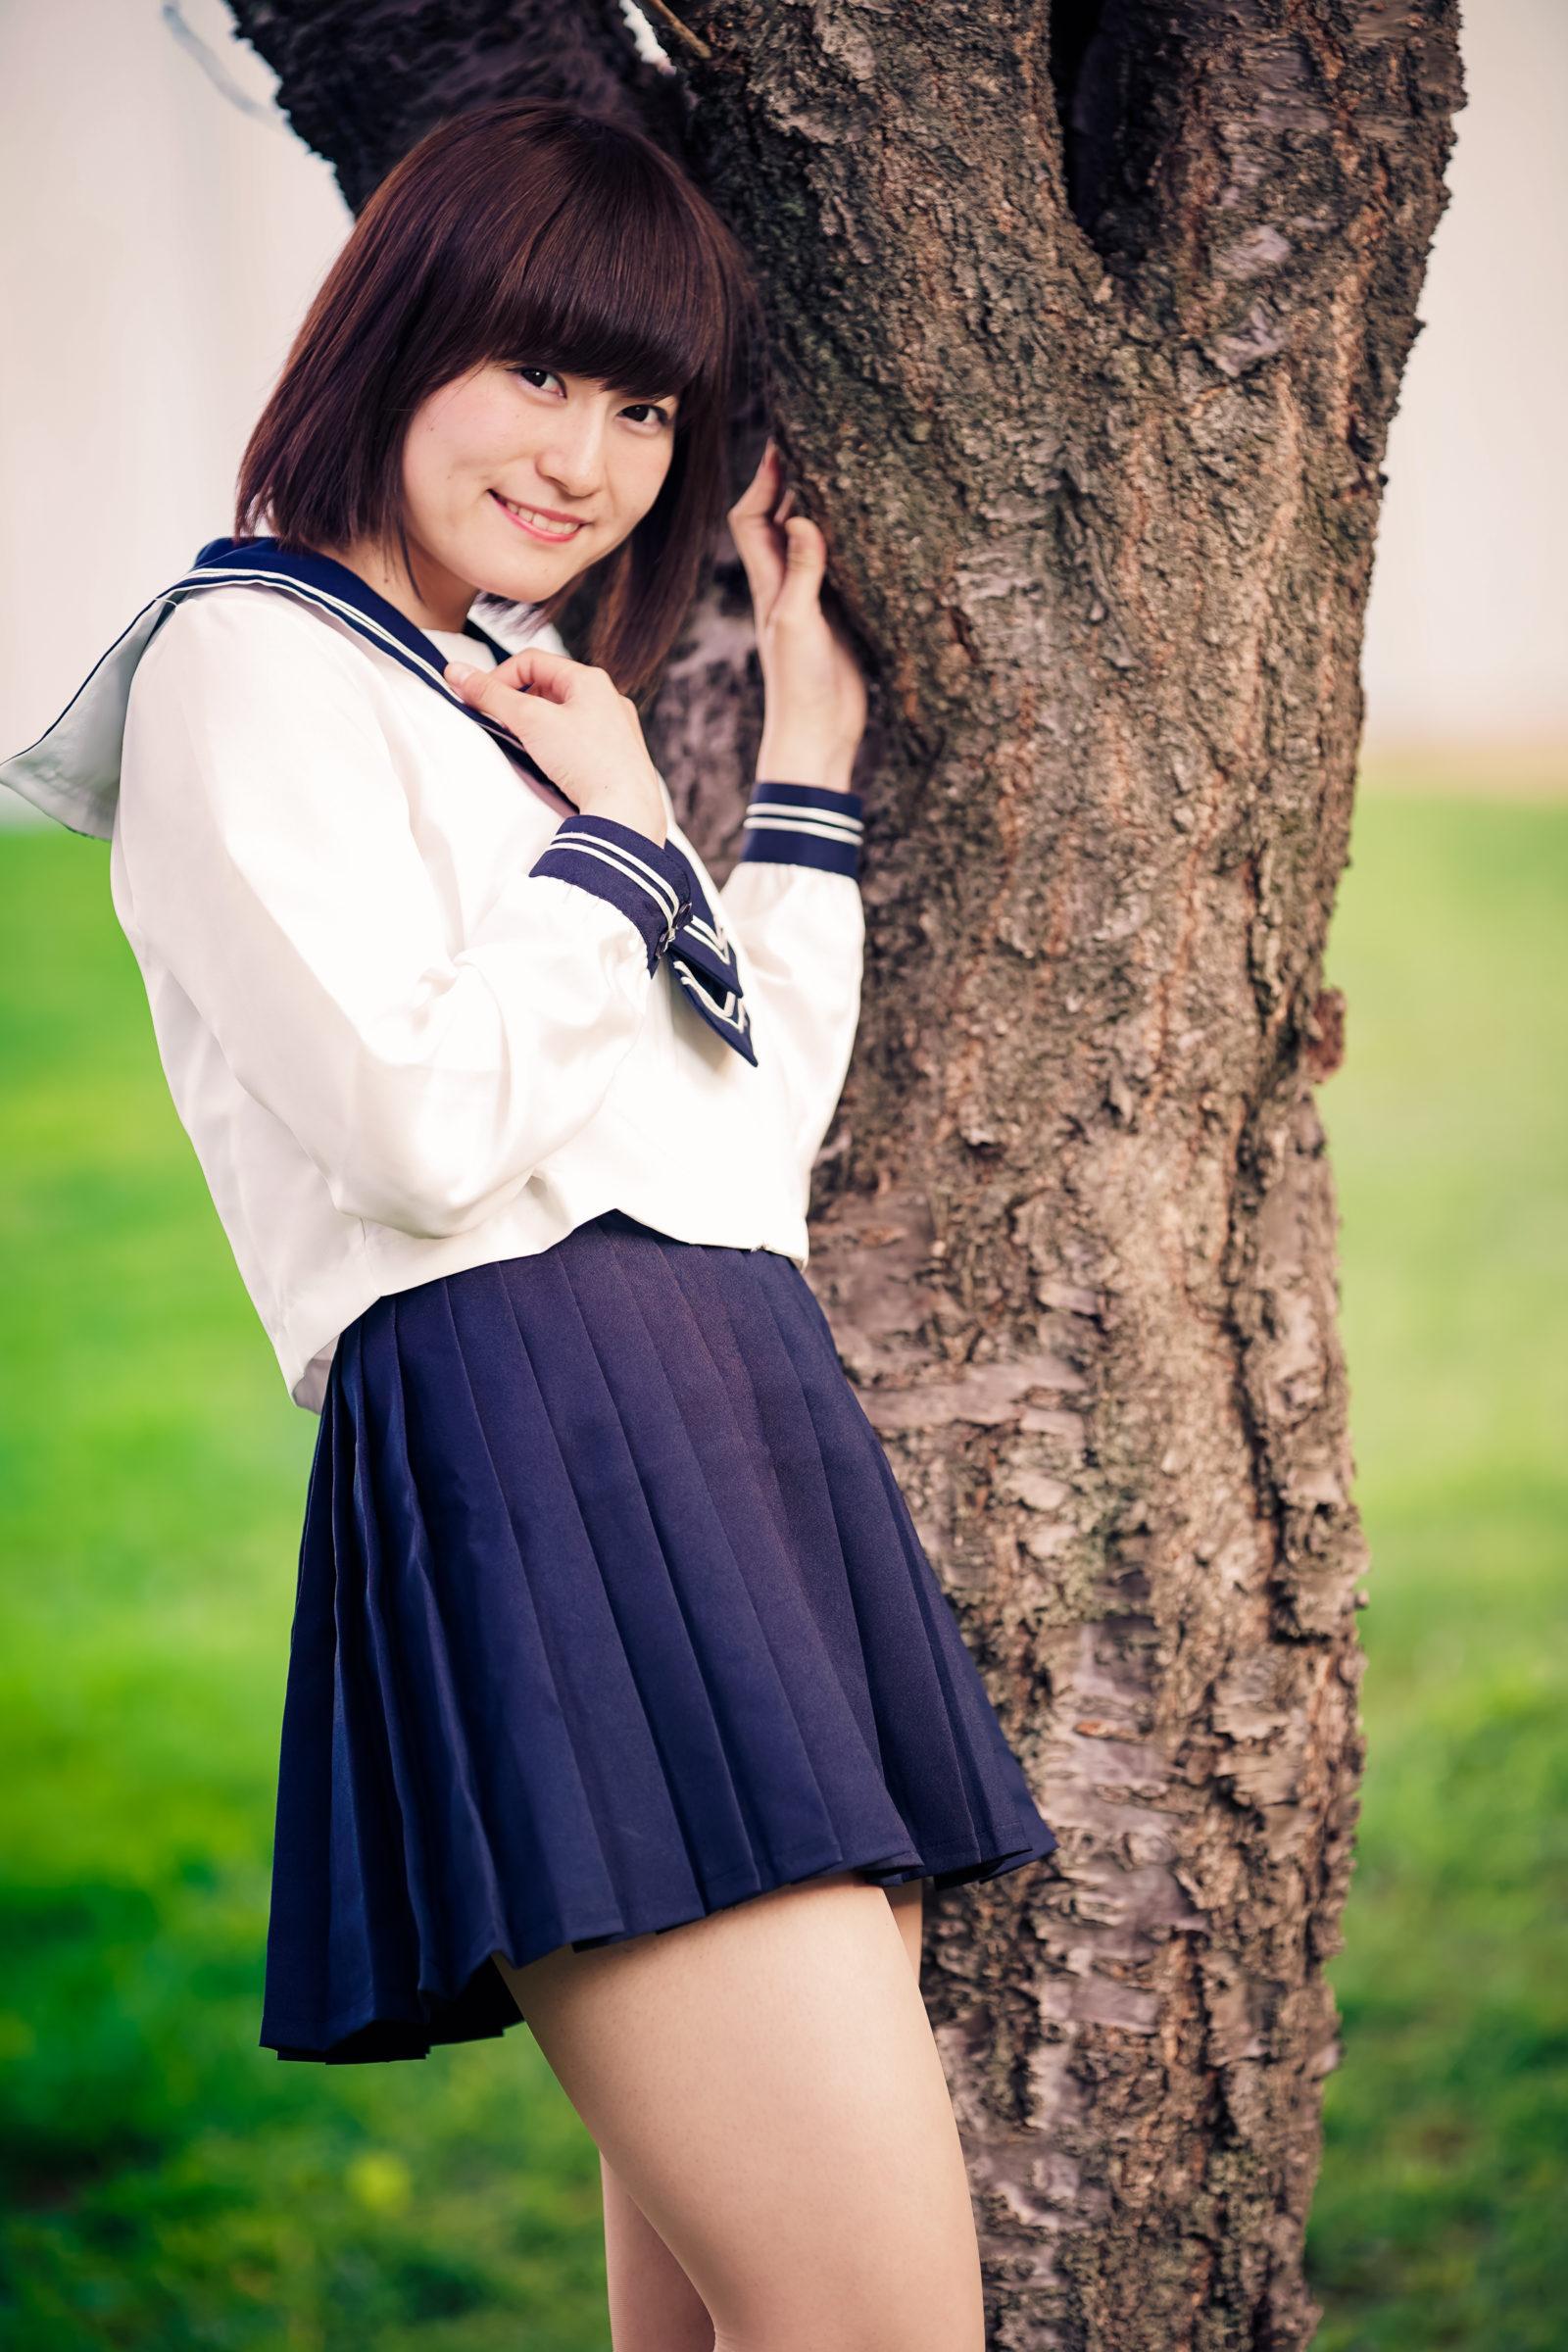 2代目HAPPY少女♪ あゆみ ( 新谷亜由美 ) | モデルプロ撮影会 at 中島公園